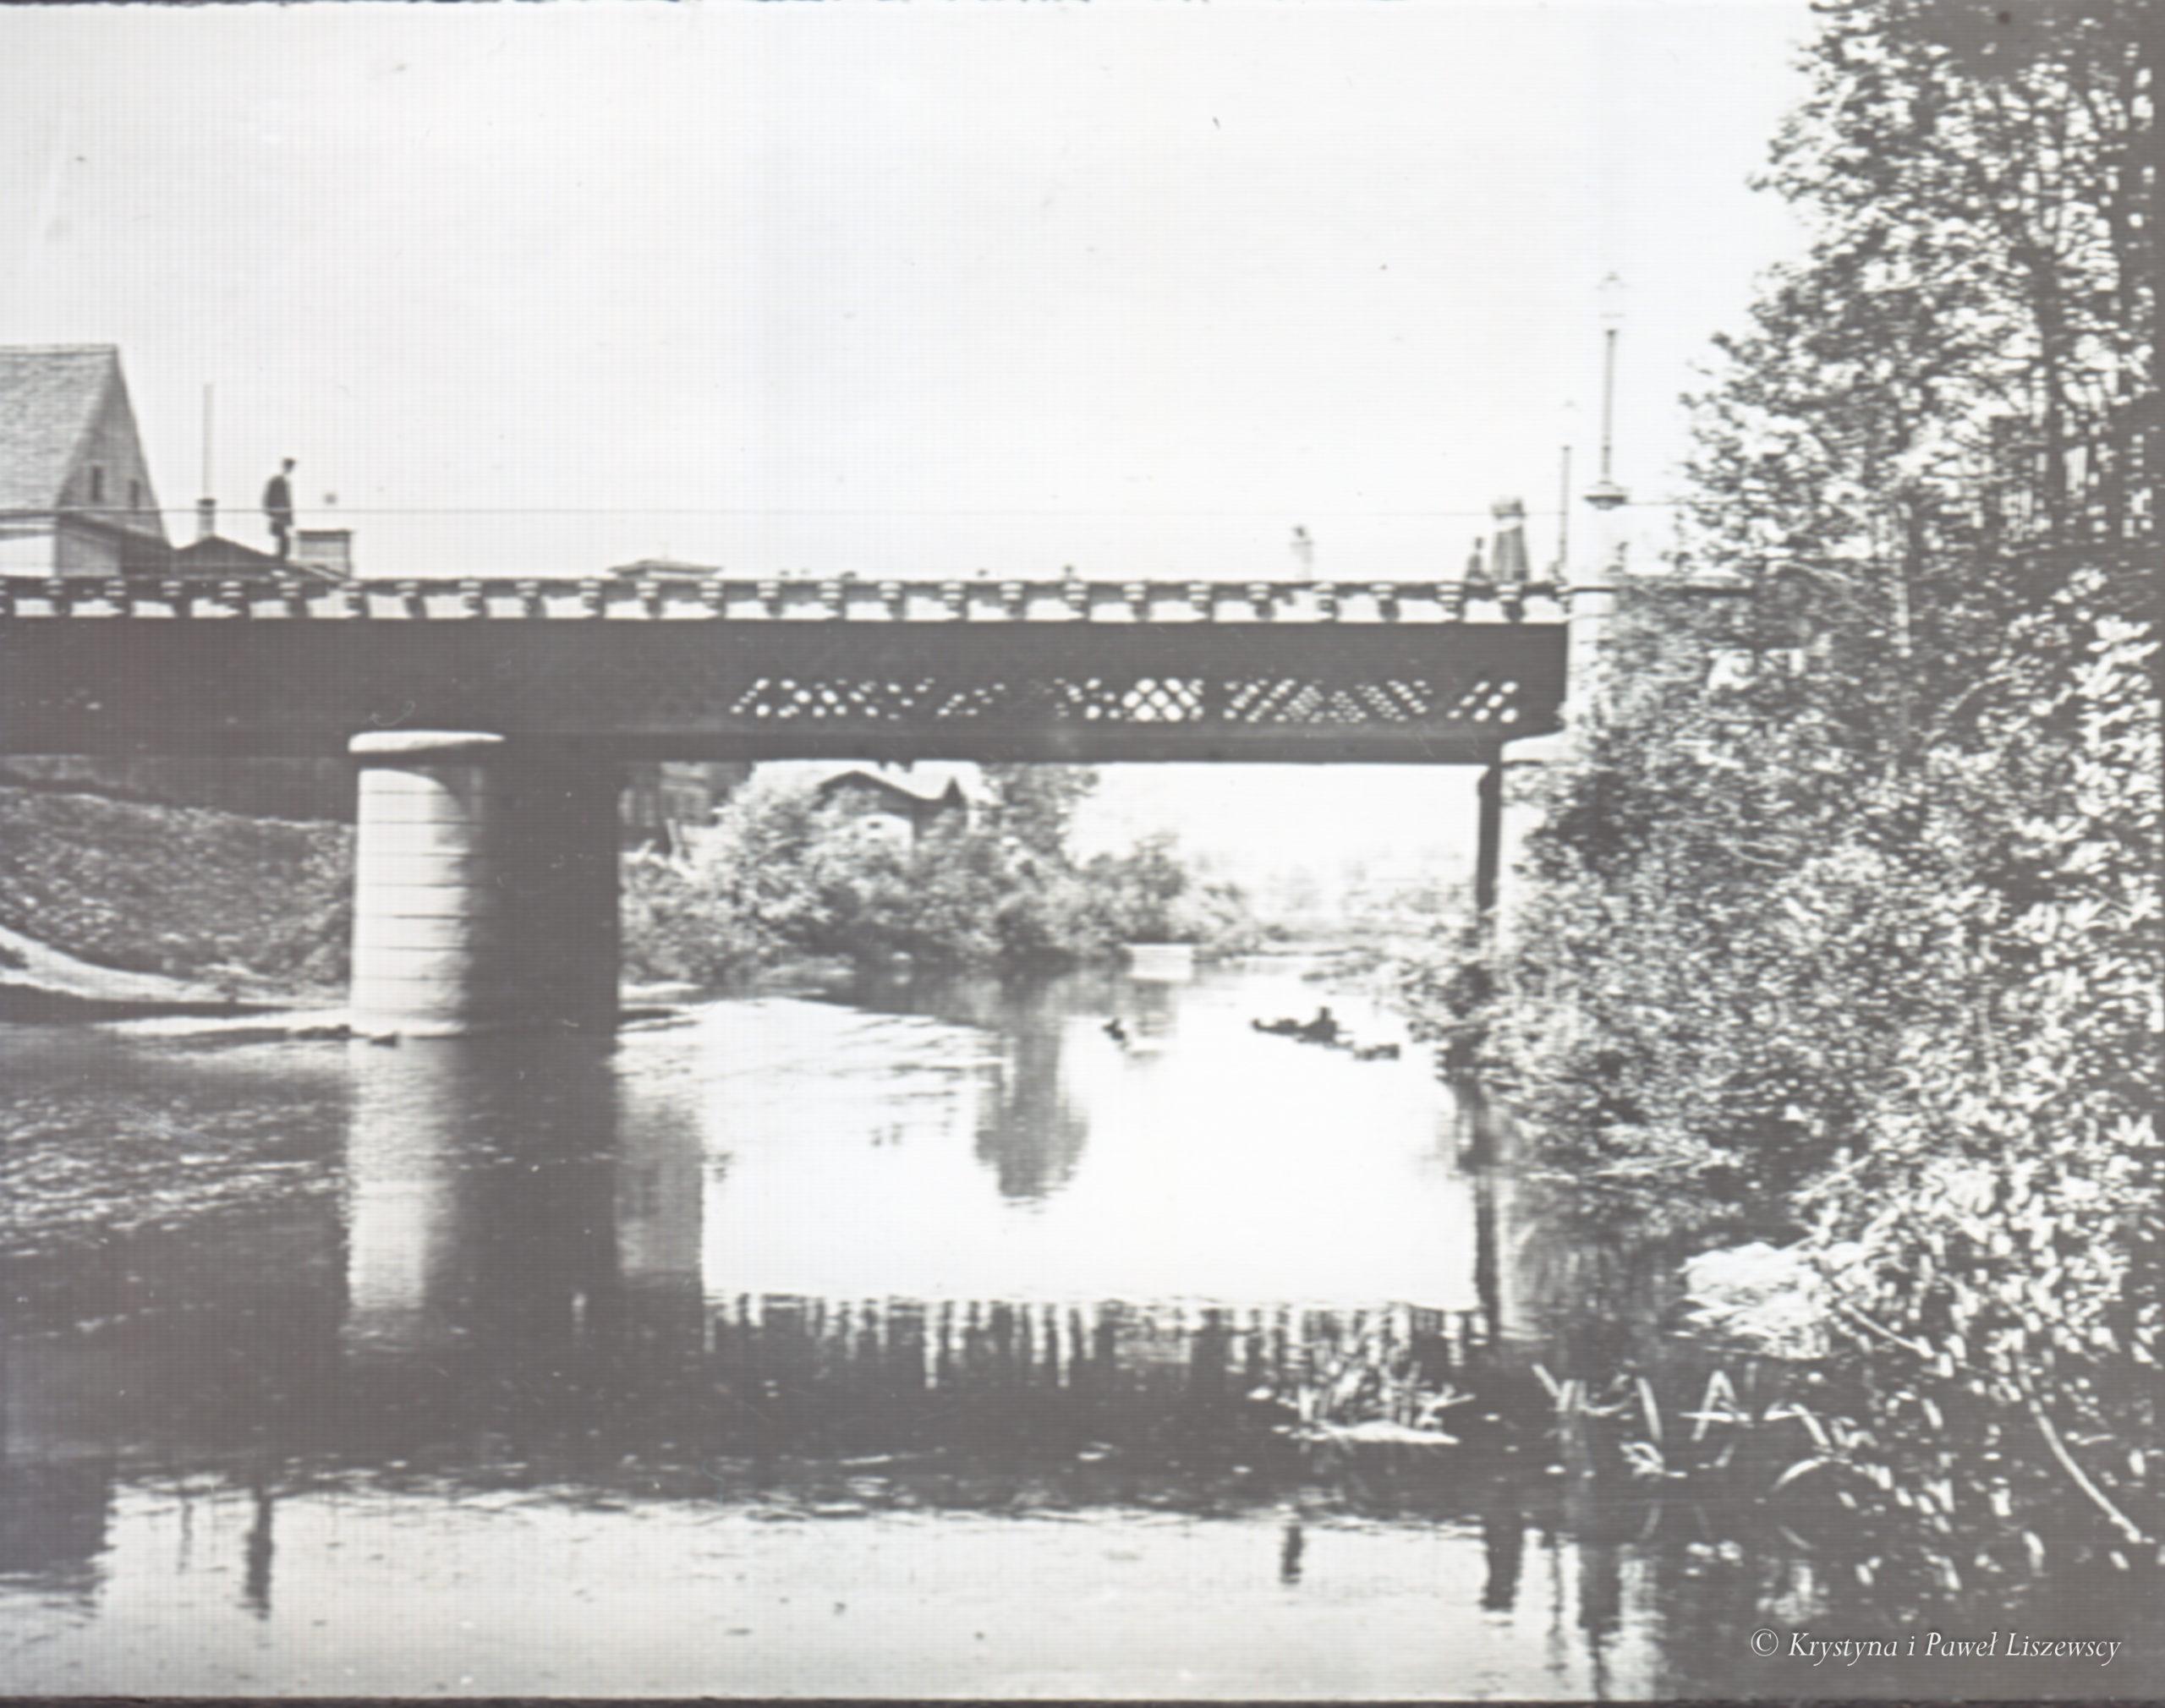 Za panowania CESARZA WSZECH ROSYI KRÓLA POLSKIEGO ALEXANDRA II, za namiestnikostwa hrabiego TEODORA BERGA ukończono budowę mostu w lipcu r 1866, na Kanale Bernardyńskim